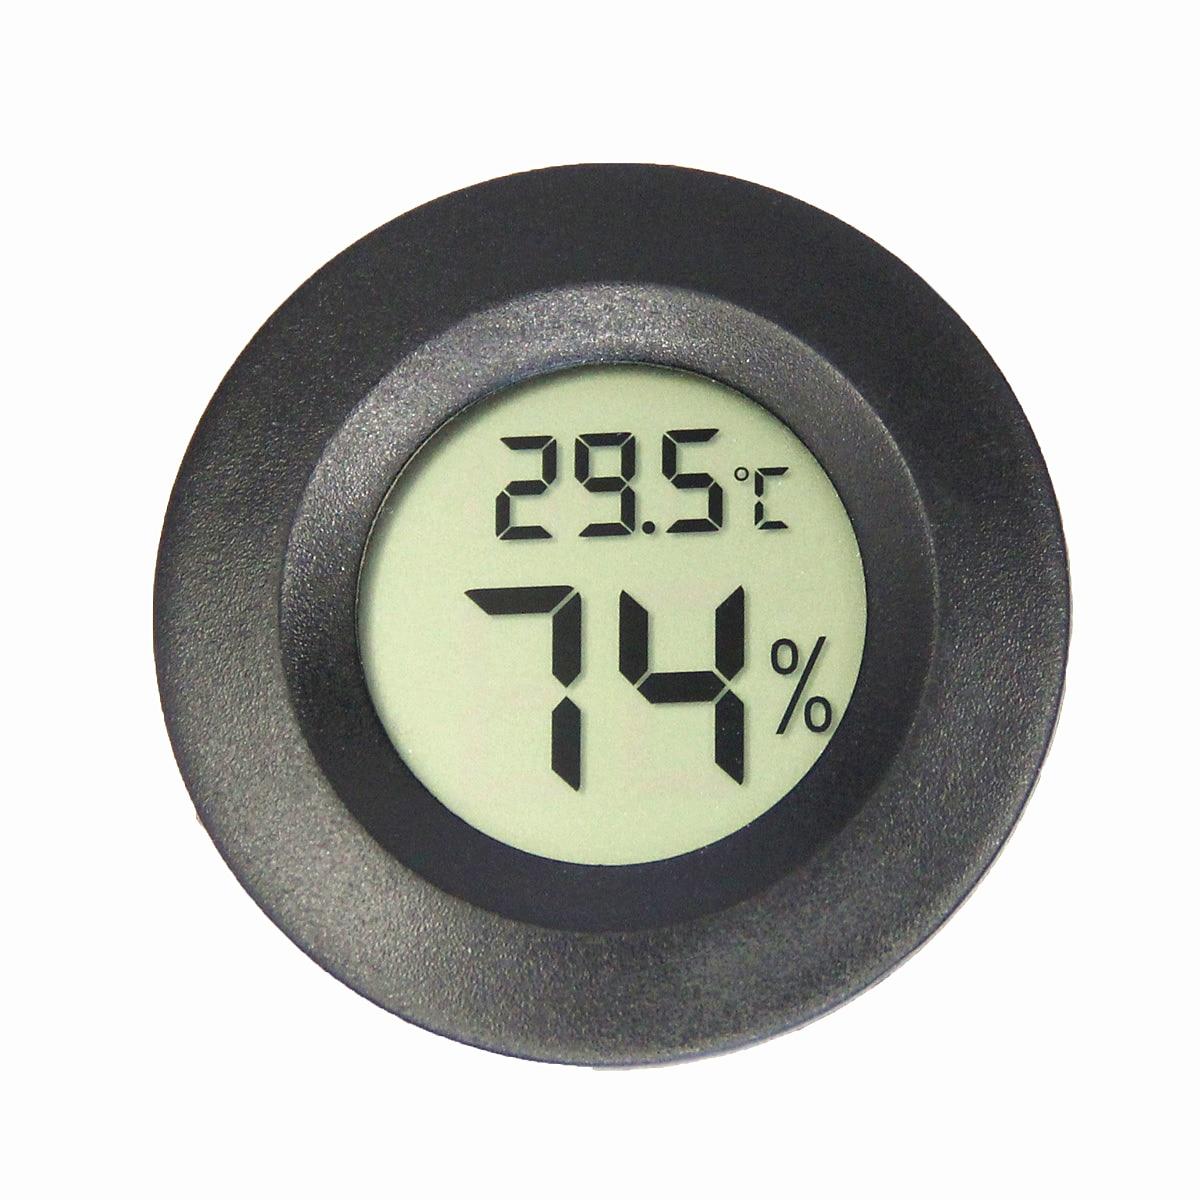 מיני LCD מד טמפרטורה דיגיטלי היגרומטר מקרר מקפיא בודק טמפרטורה אינקובטור חיות מחמד צב ביצים ביצים חיישן